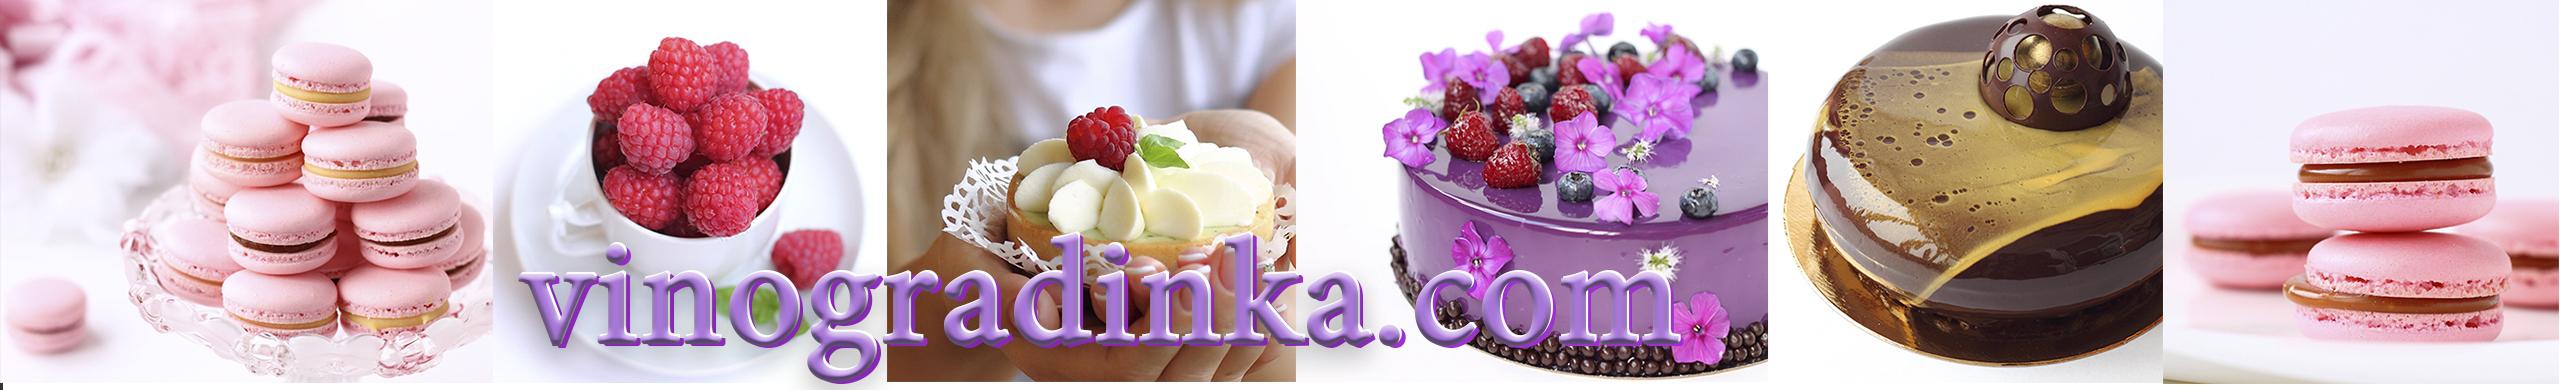 vinogradinka.com